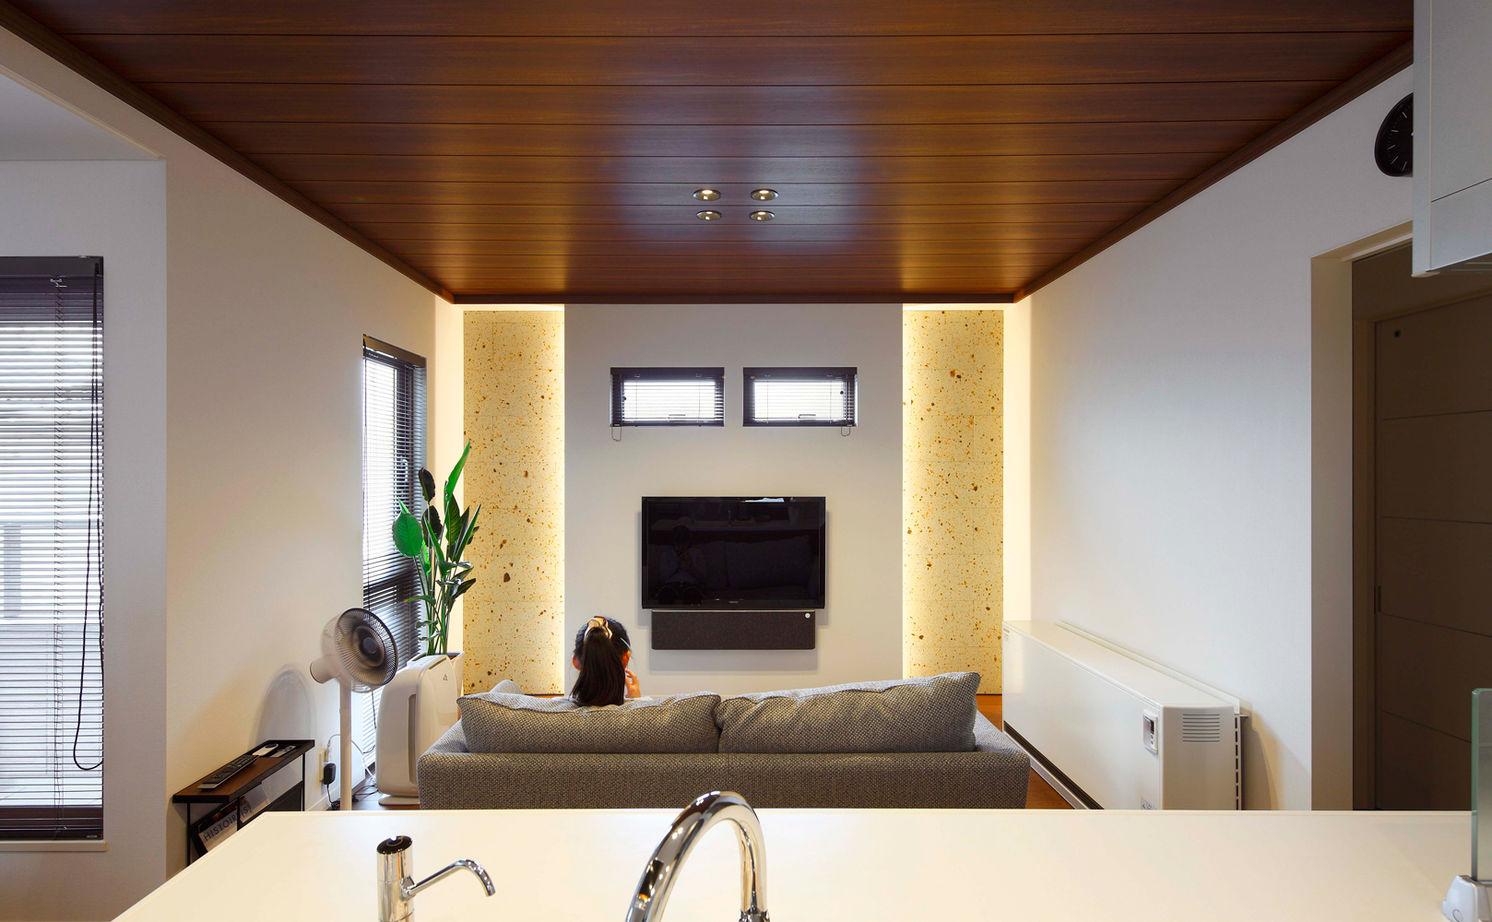 20坪の敷地で広く暮らす工夫が満載。ビルトインガレージや大収納空間「蔵」画像2